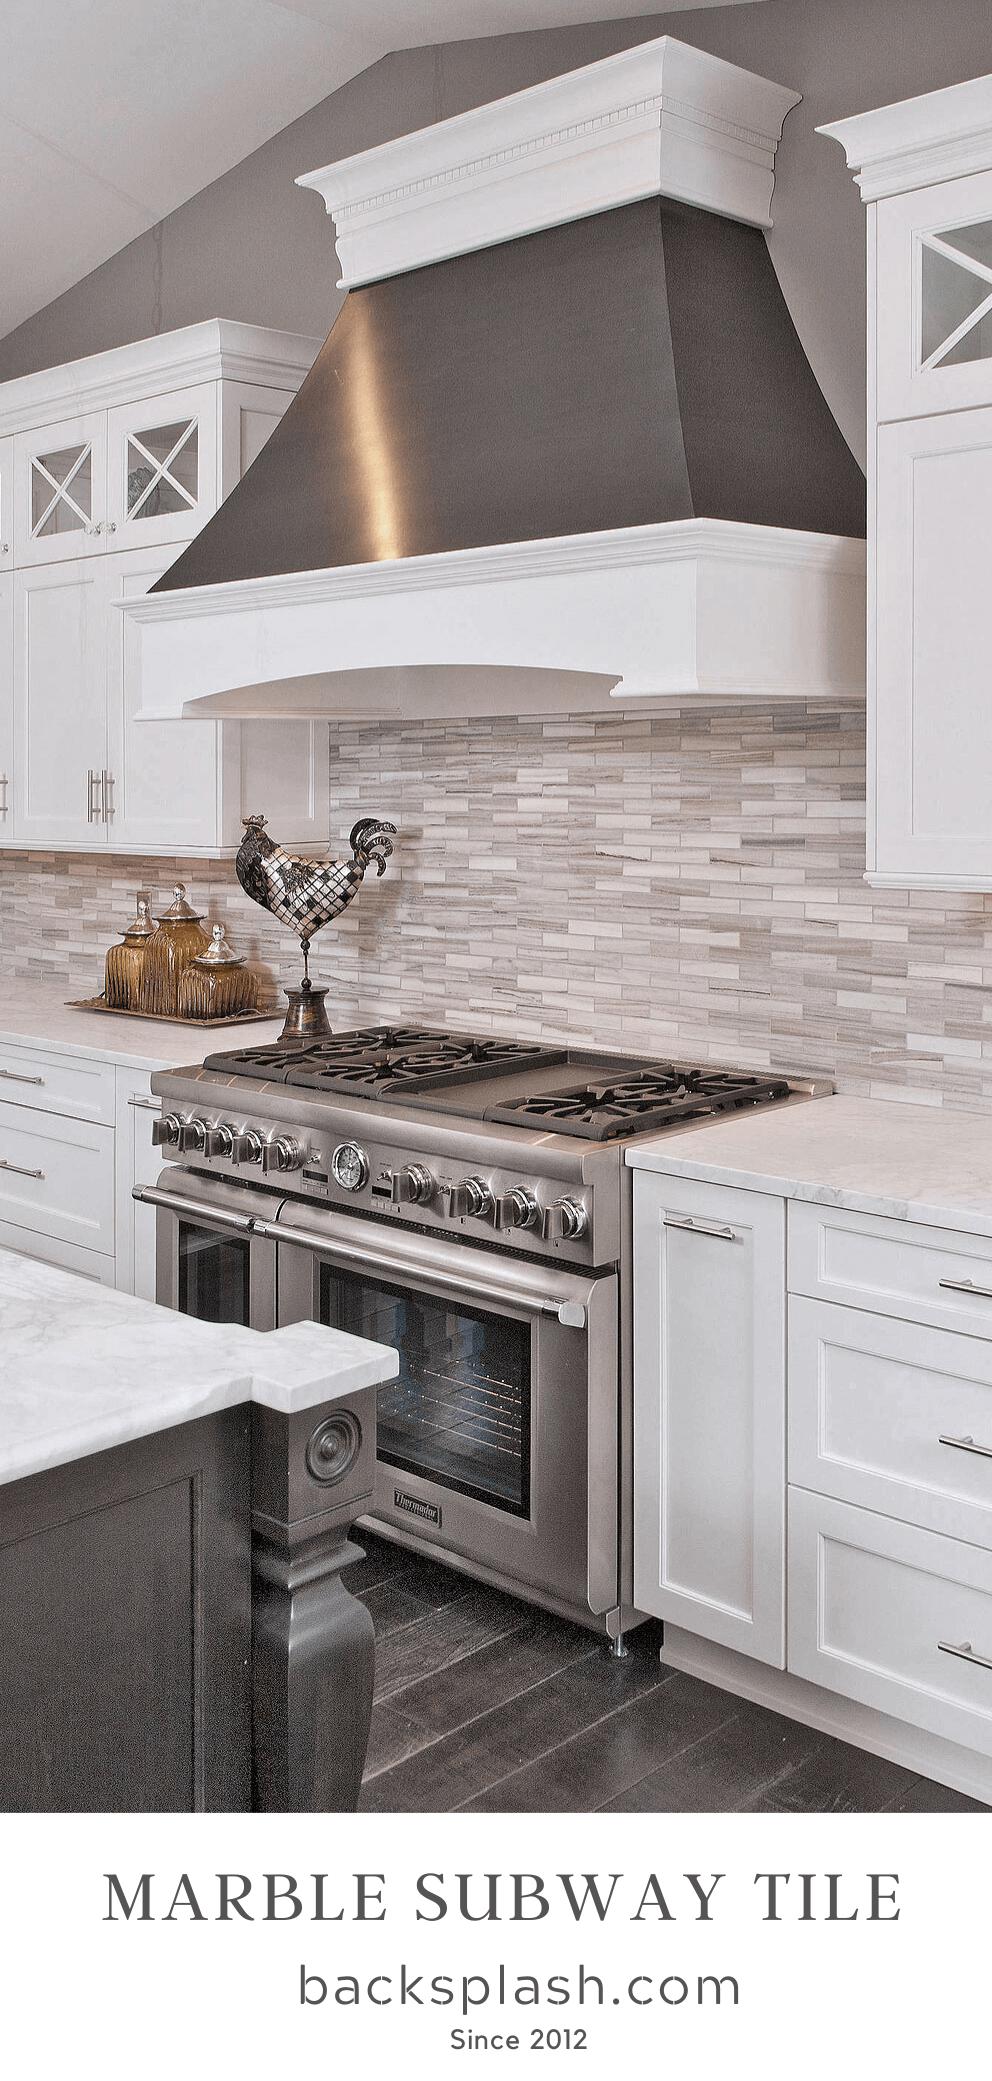 Marblekitchen In 2020 White Modern Kitchen Modern Kitchen Design Backsplash For White Cabinets